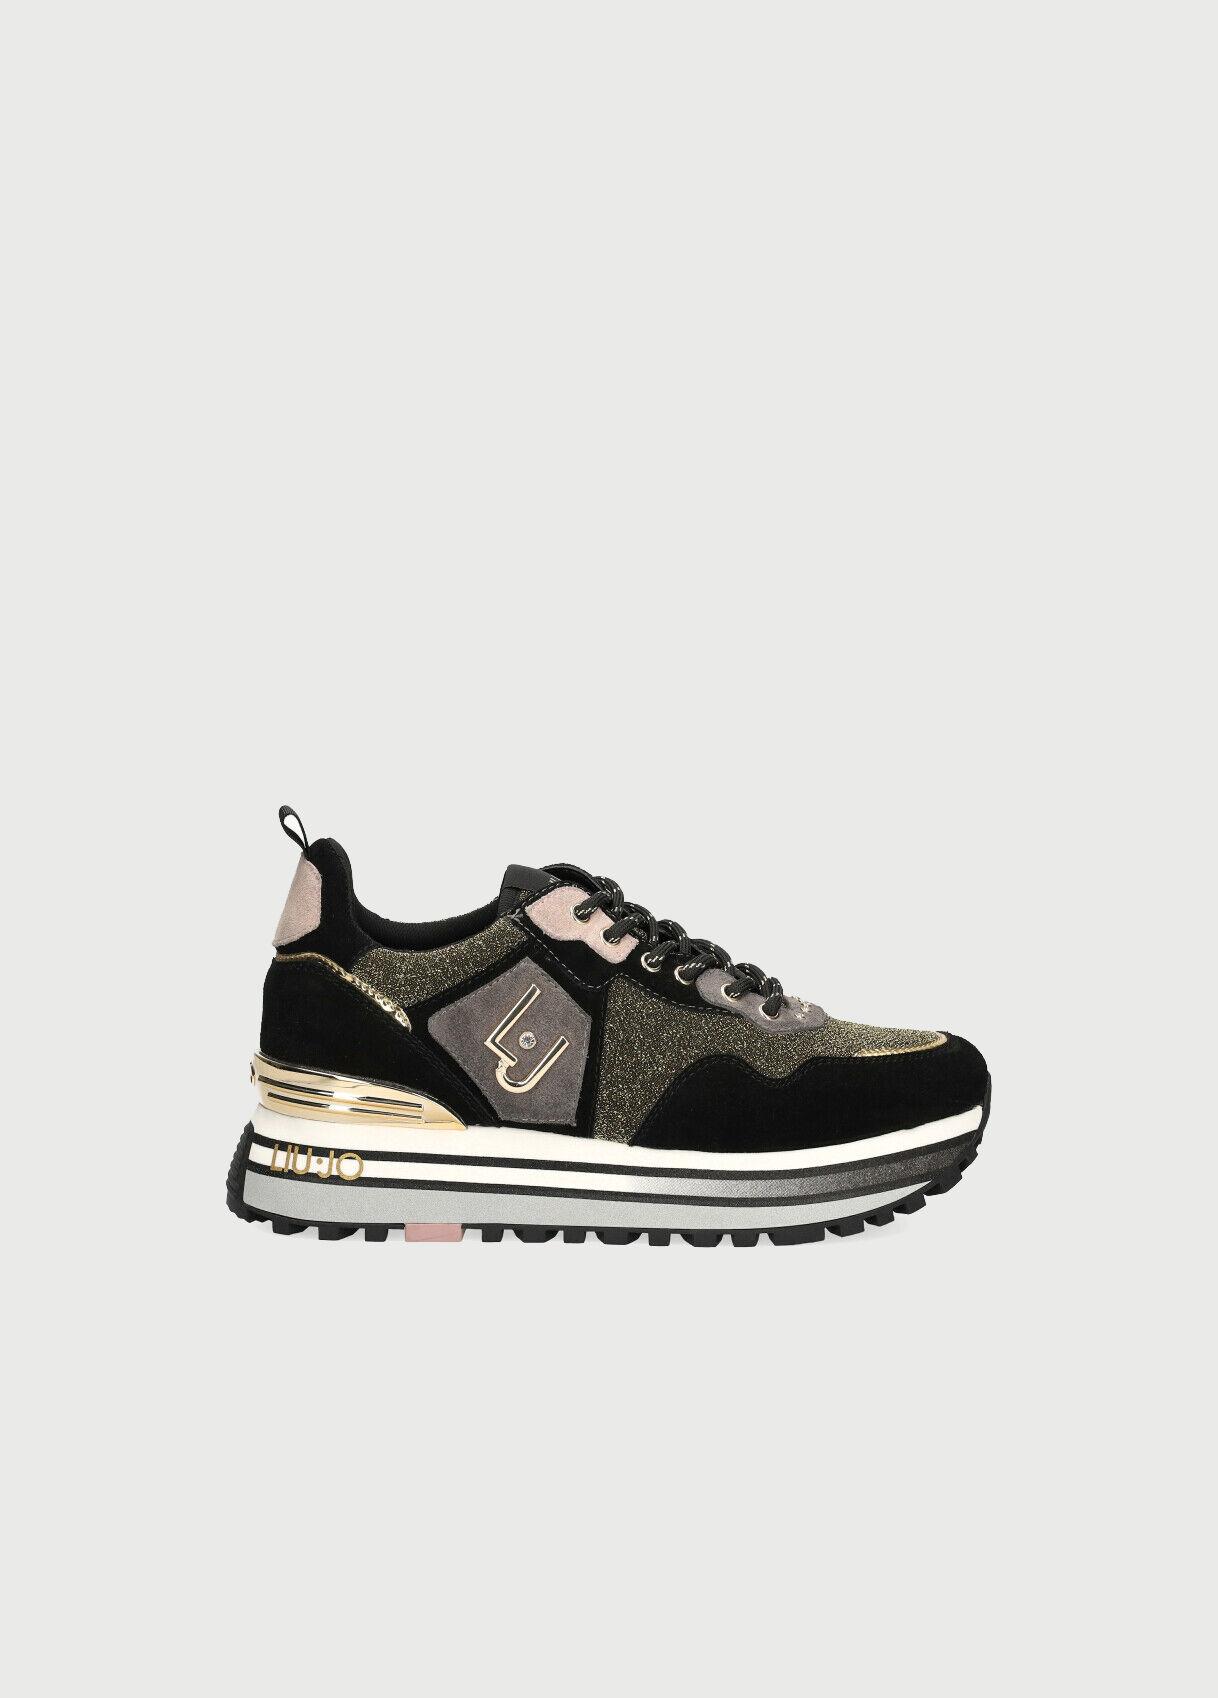 Shoes Women | Liu Jo